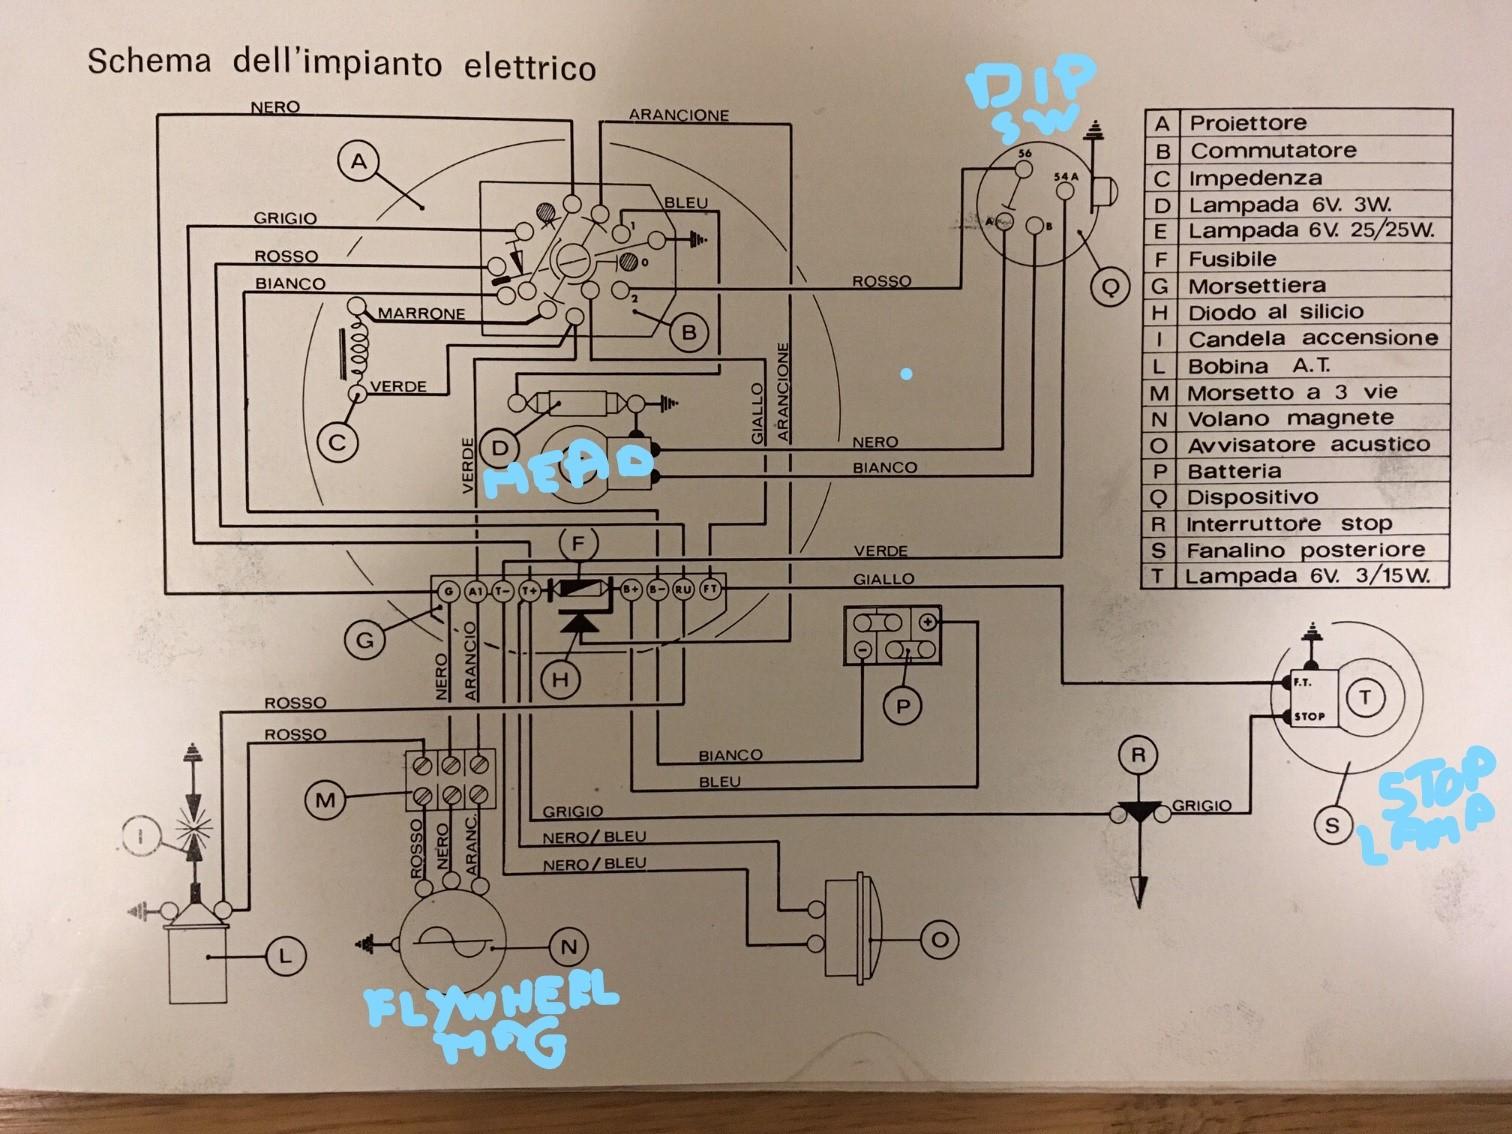 D7D21339-1934-4EF6-A72D-34385D4168E6_LI.jpg